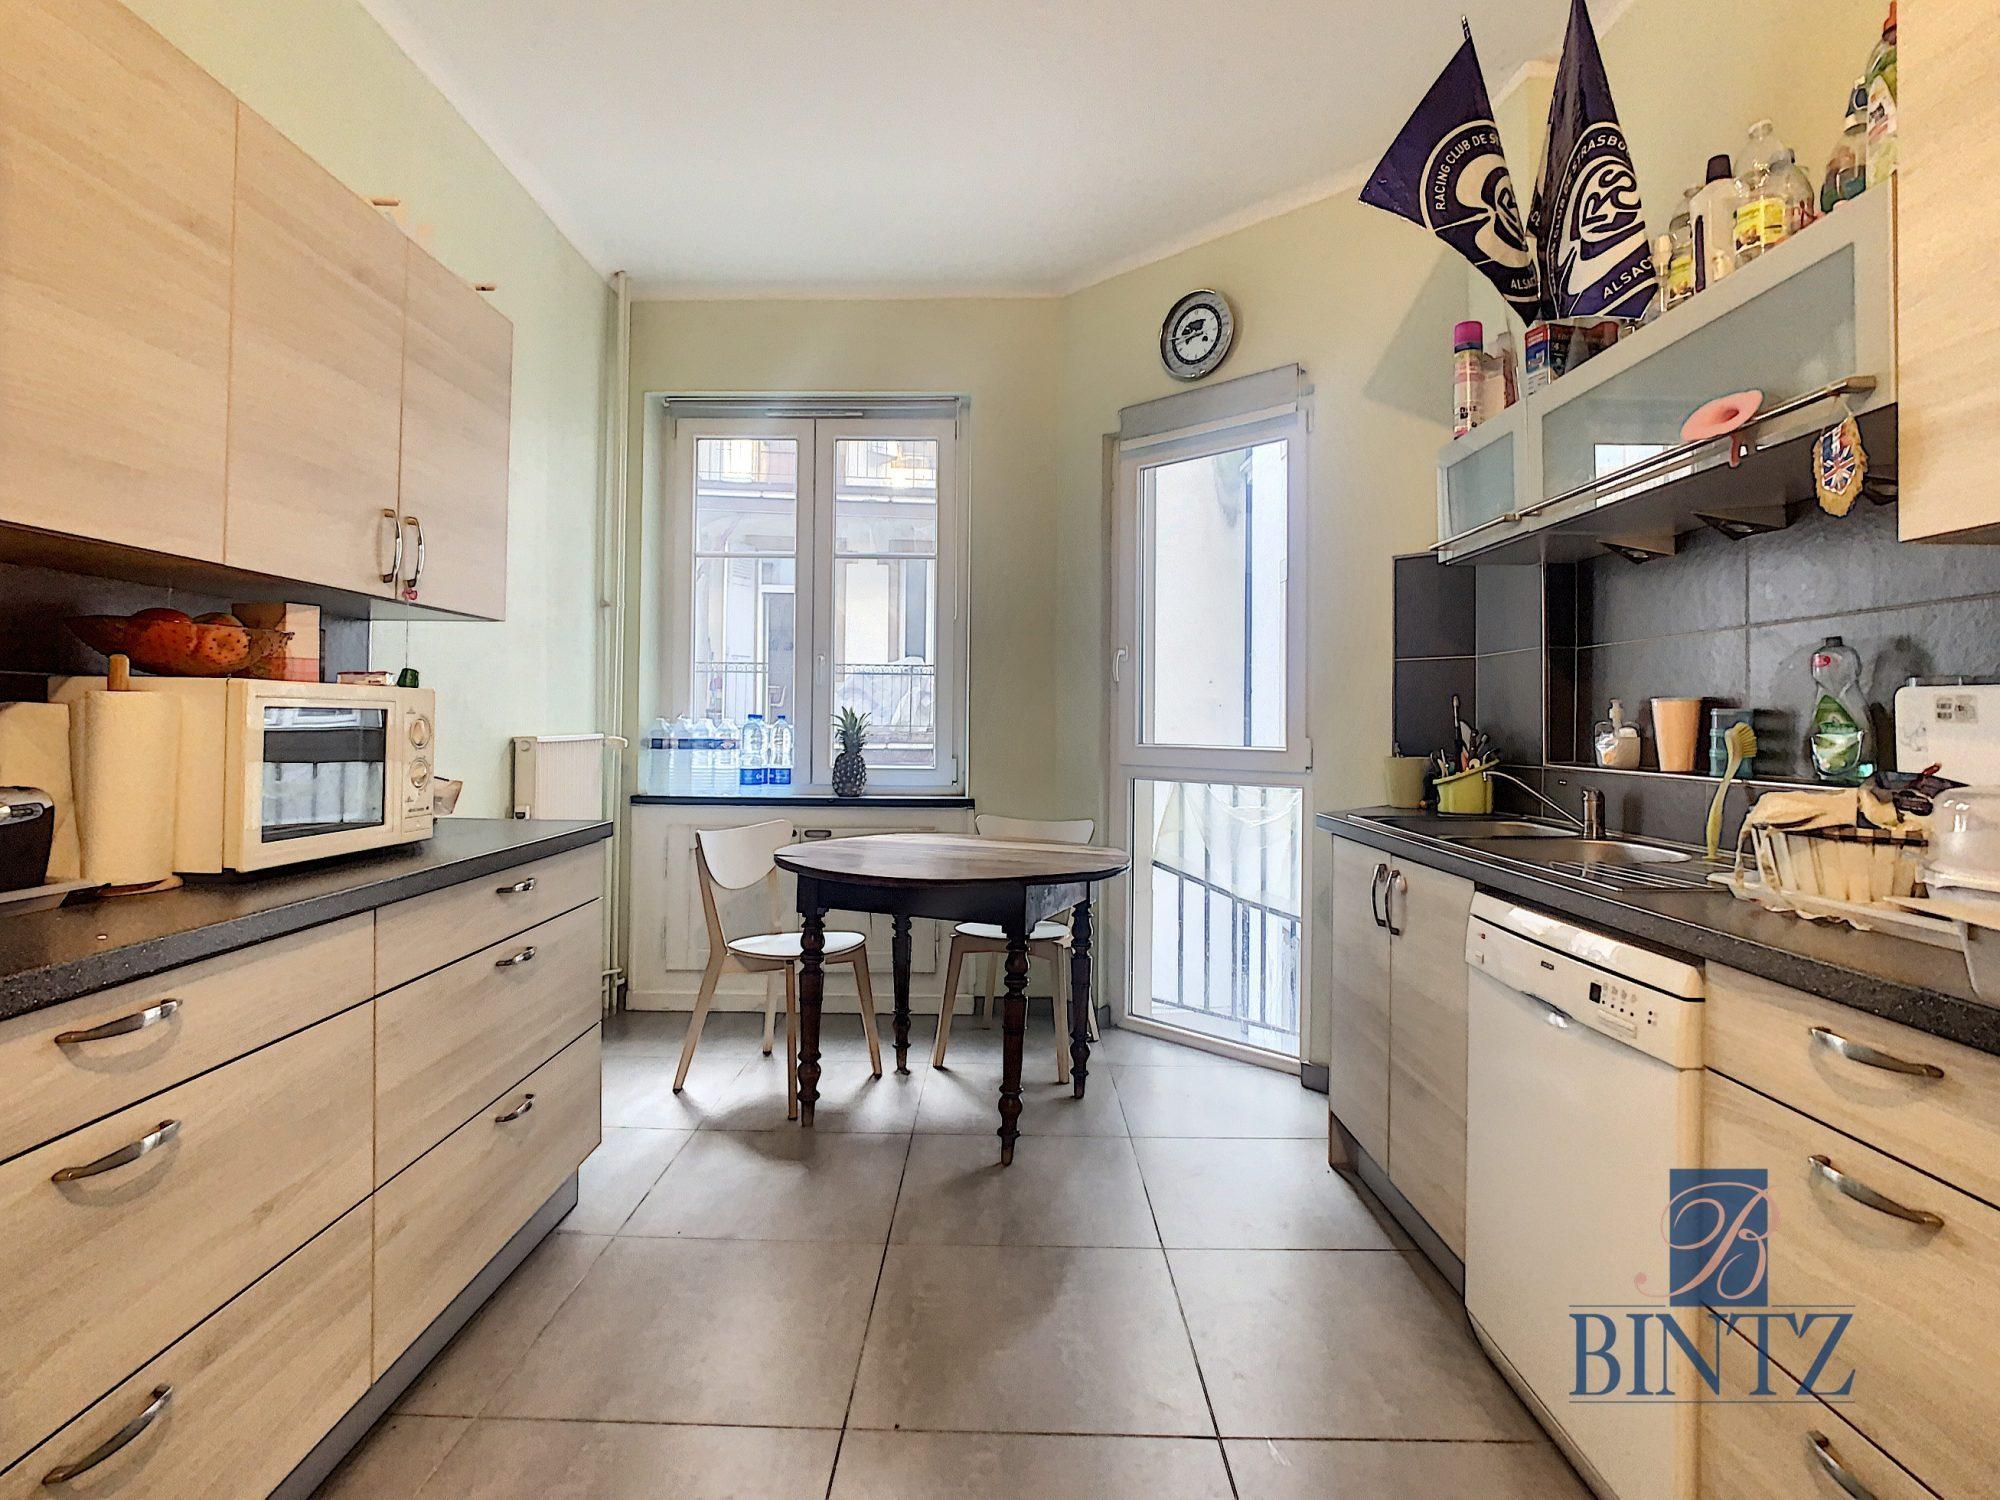 Appartement 3/4 pièces dans le quartier de la Neustadt - Devenez propriétaire en toute confiance - Bintz Immobilier - 3